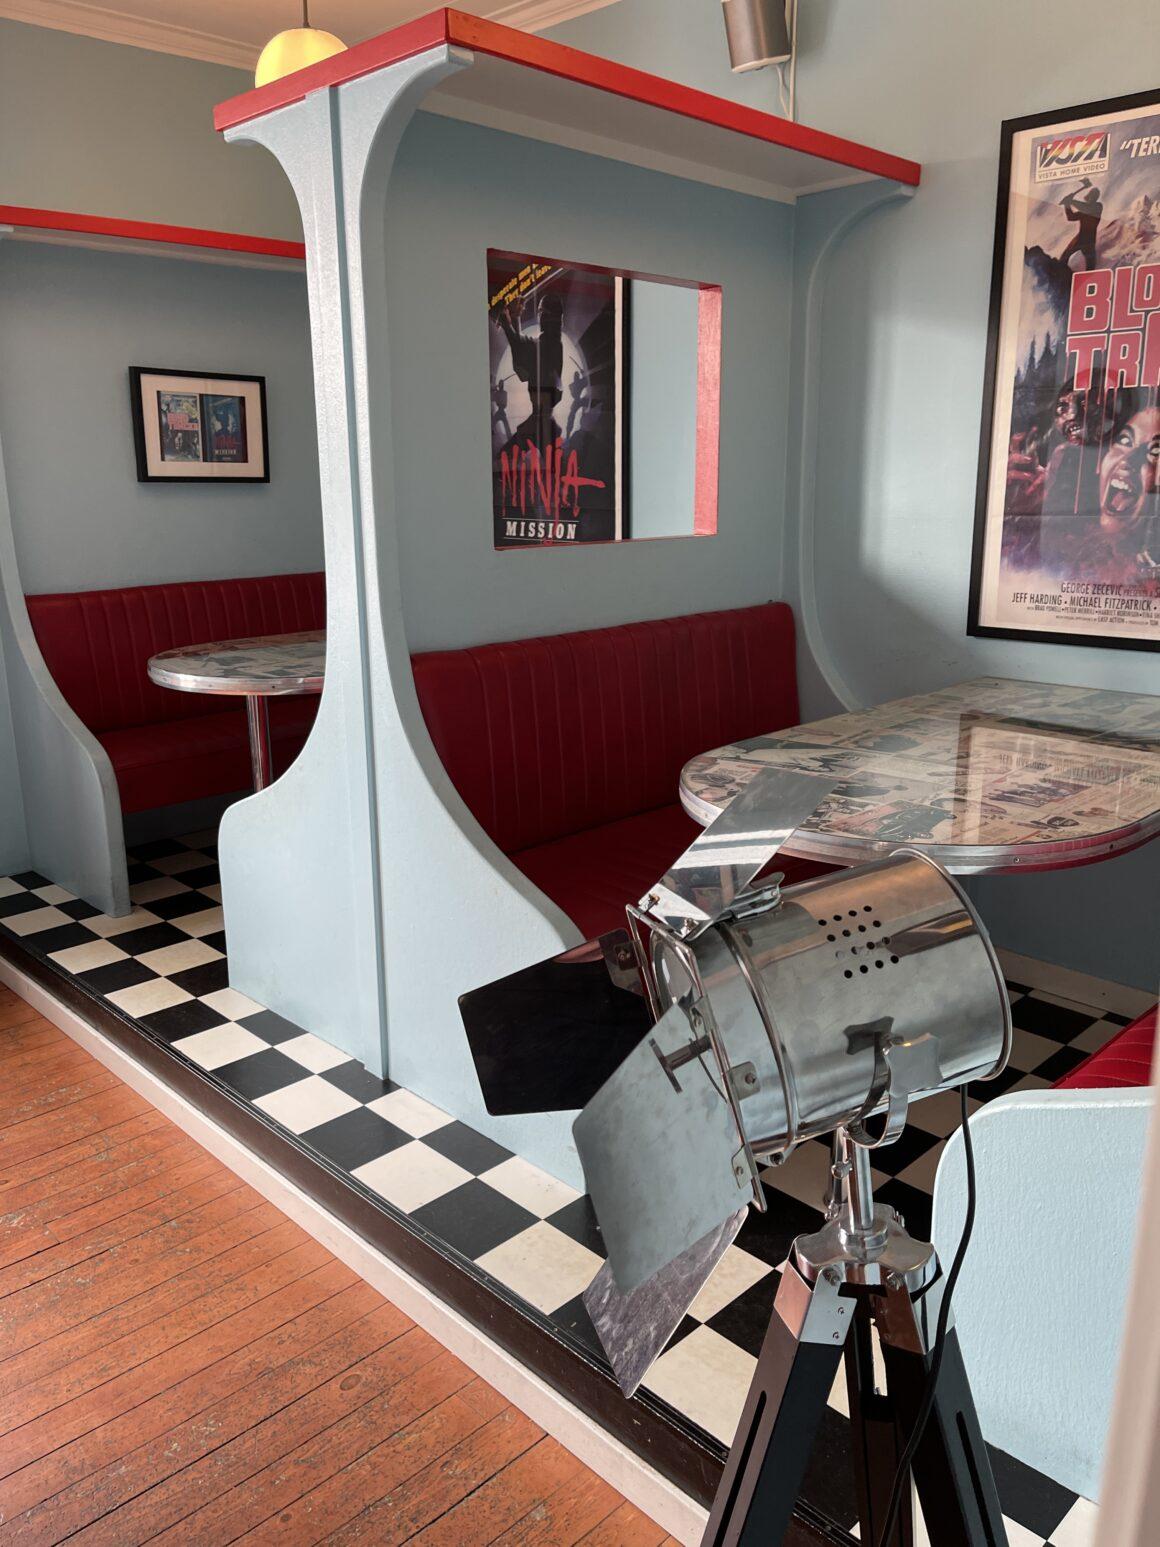 50-tals stil på Cafe Cineast